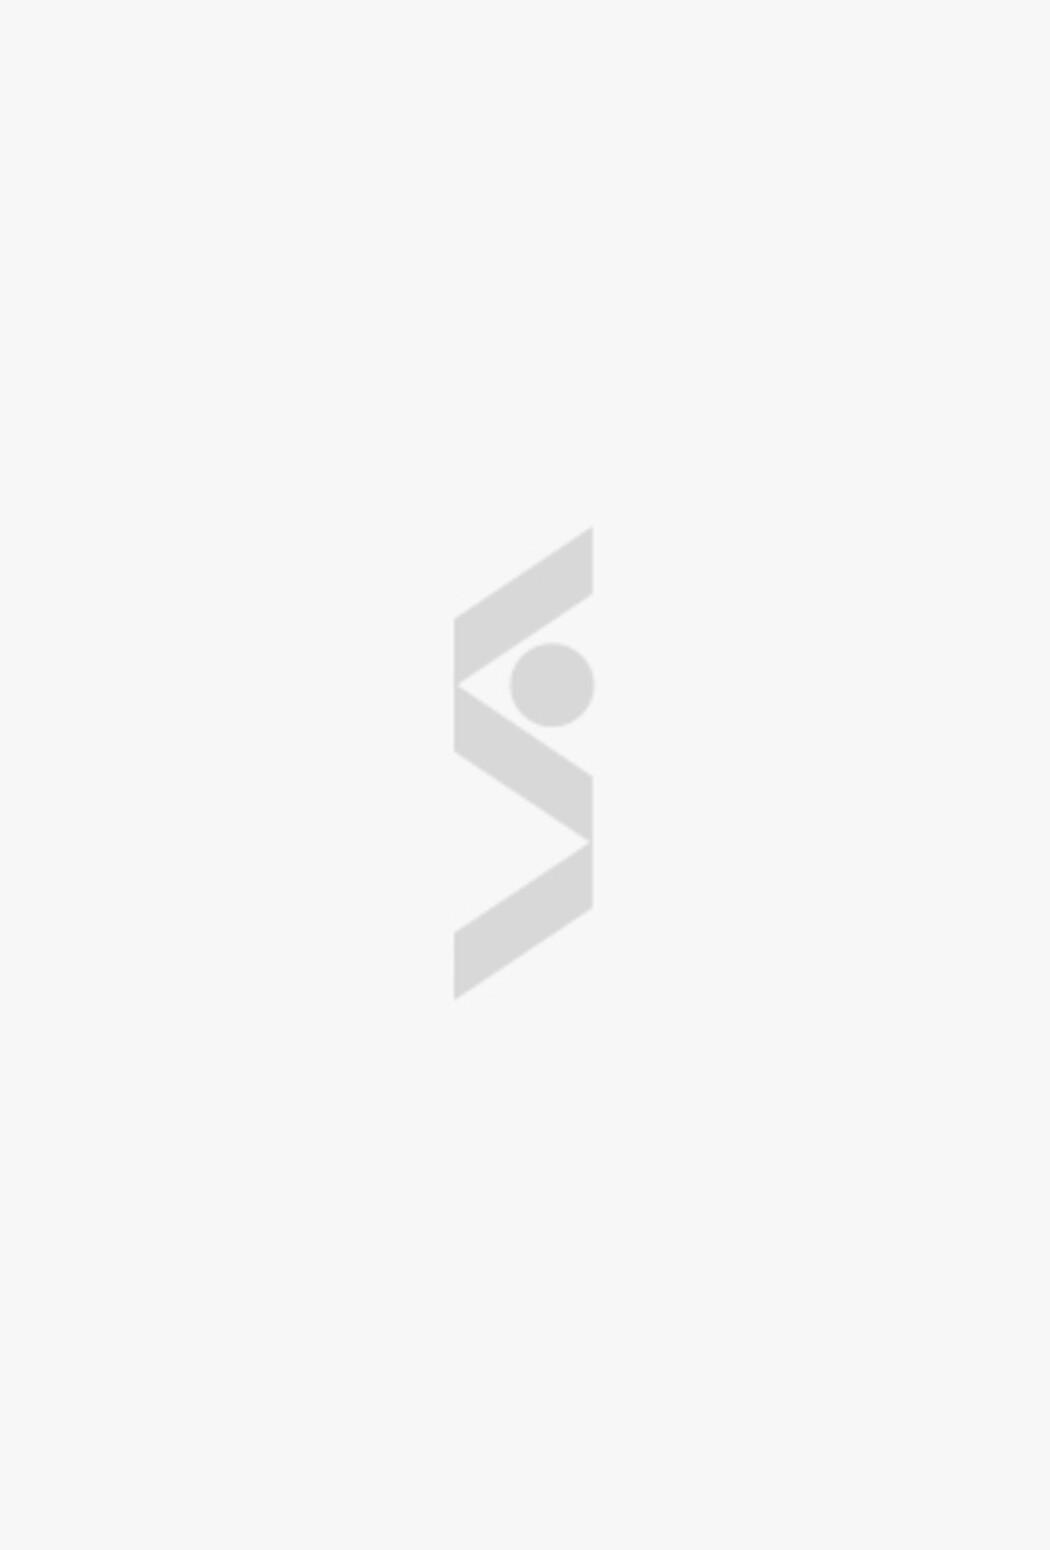 Сумка дорожная с принтом Reisenthel - цена 2290 ₽ купить в интернет-магазине СТОКМАНН в Москве